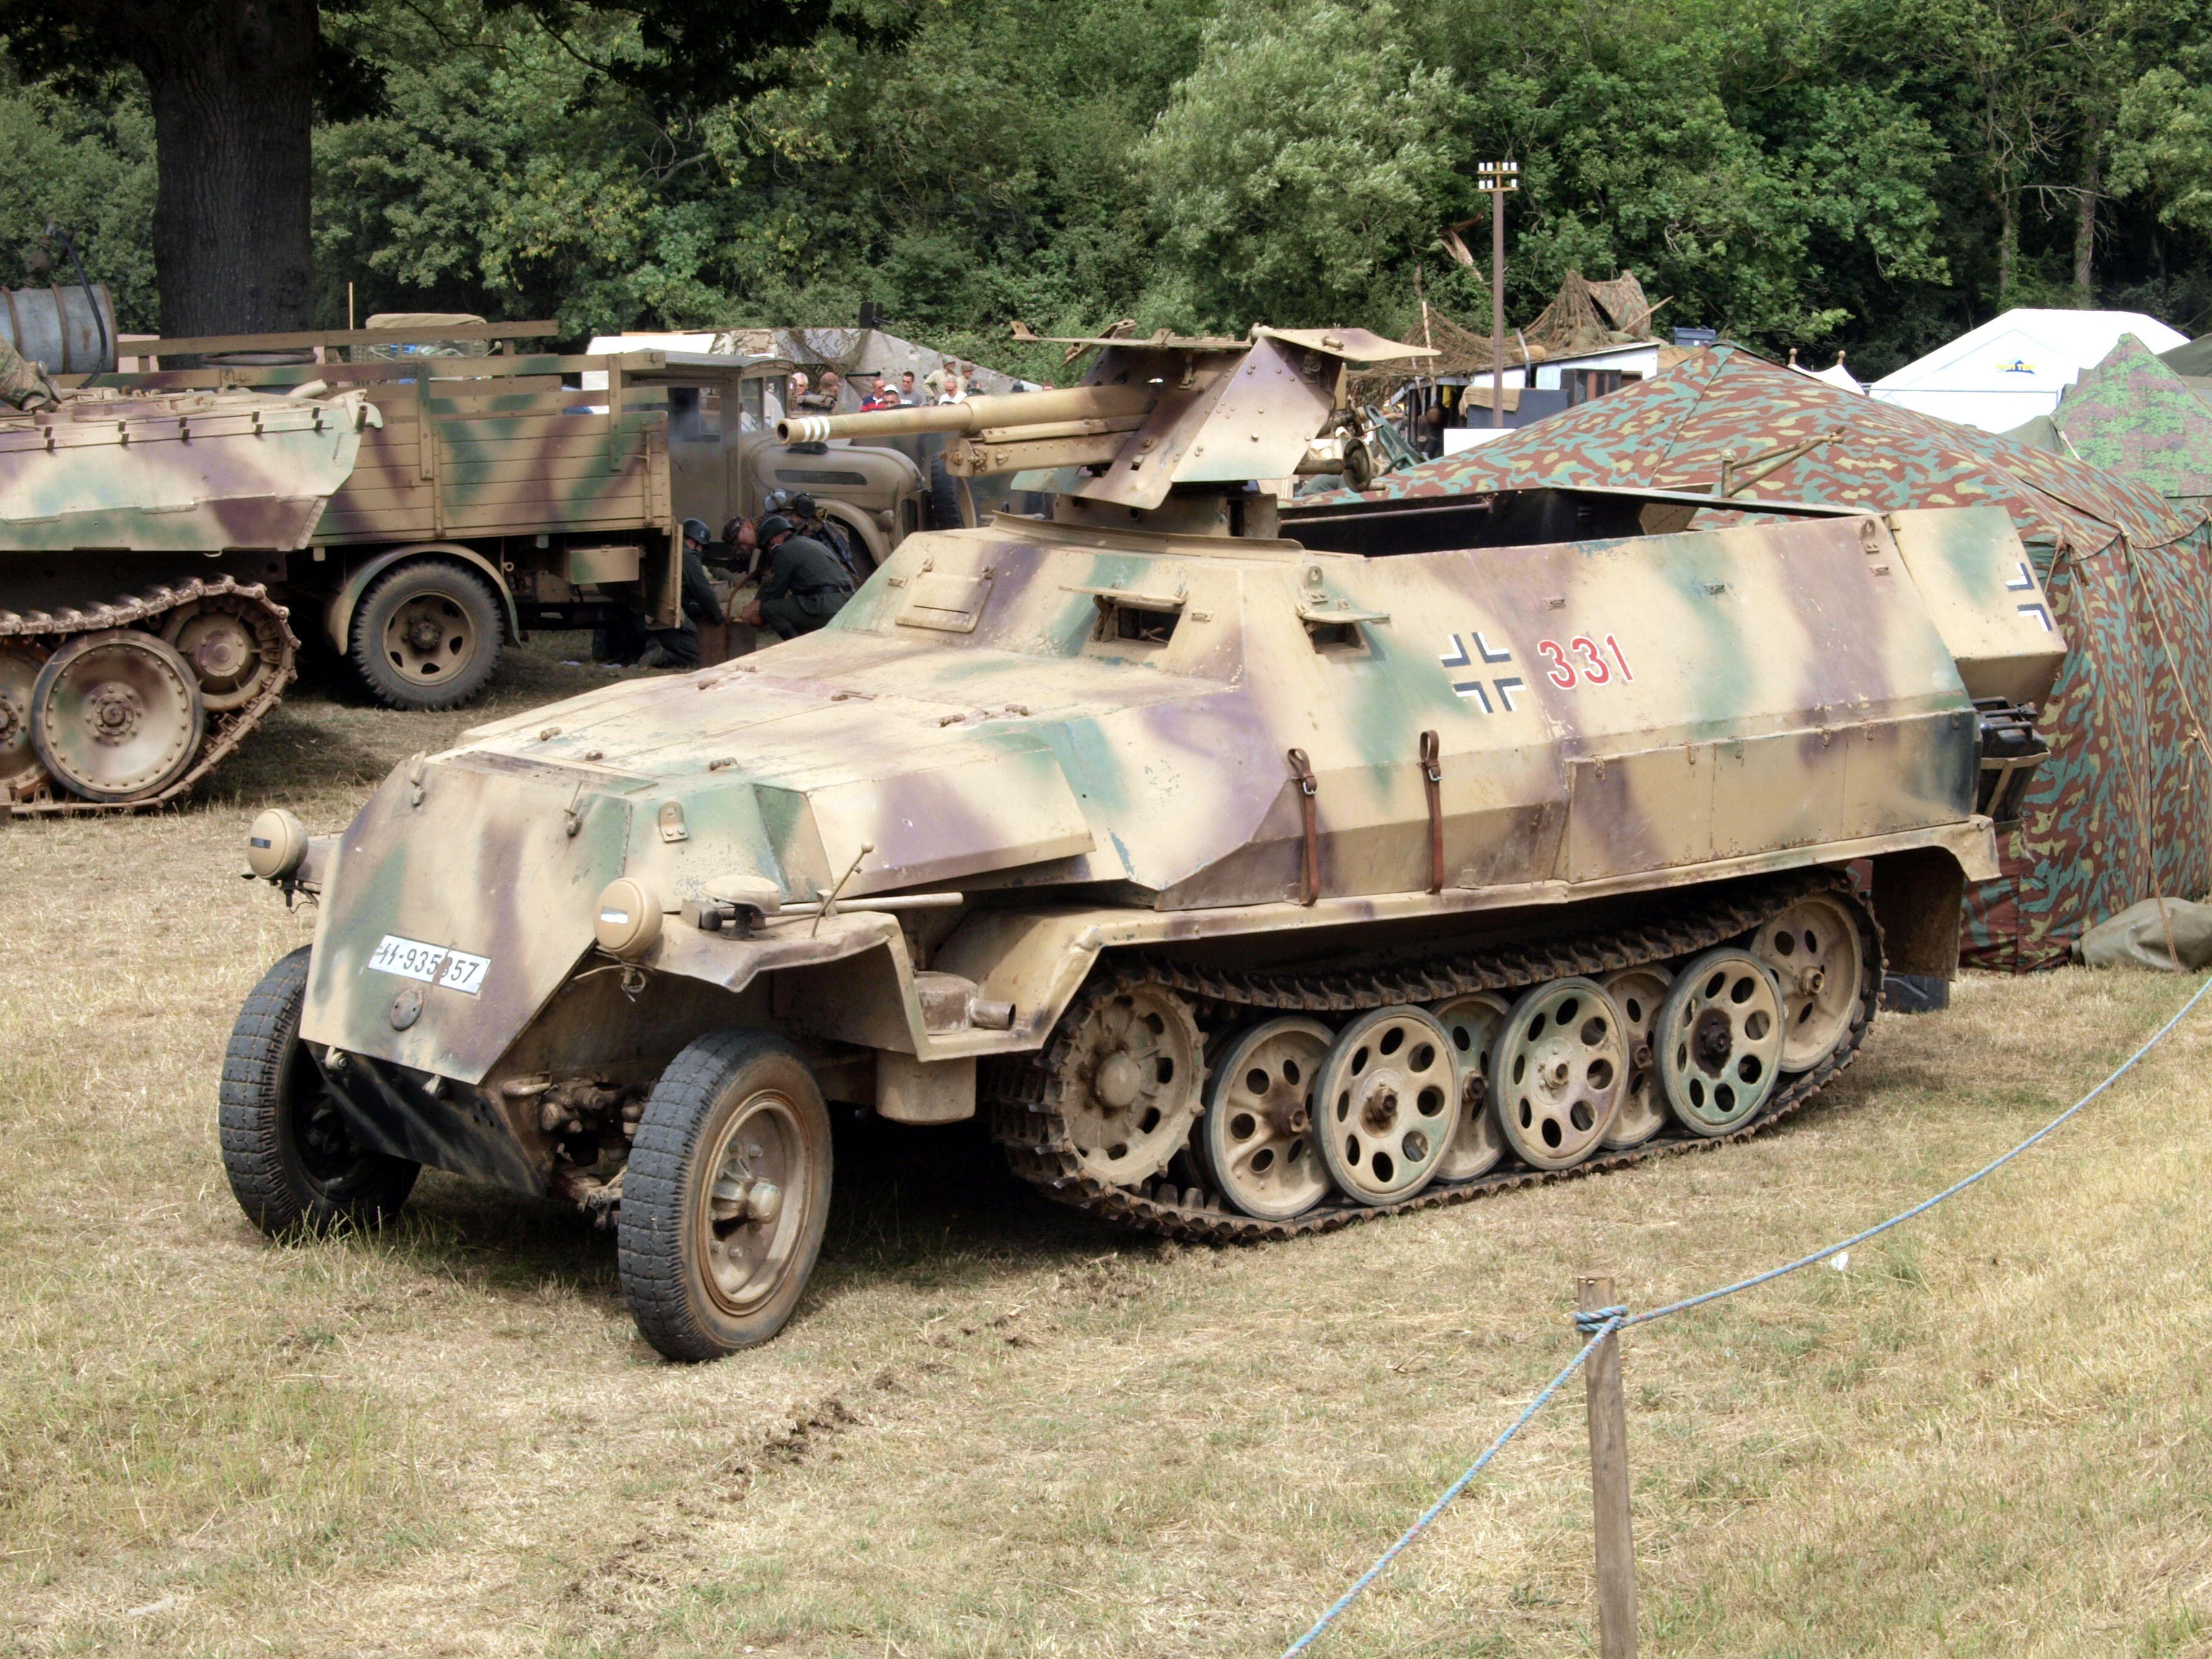 немецкий бронетранспортер sd kfz 251